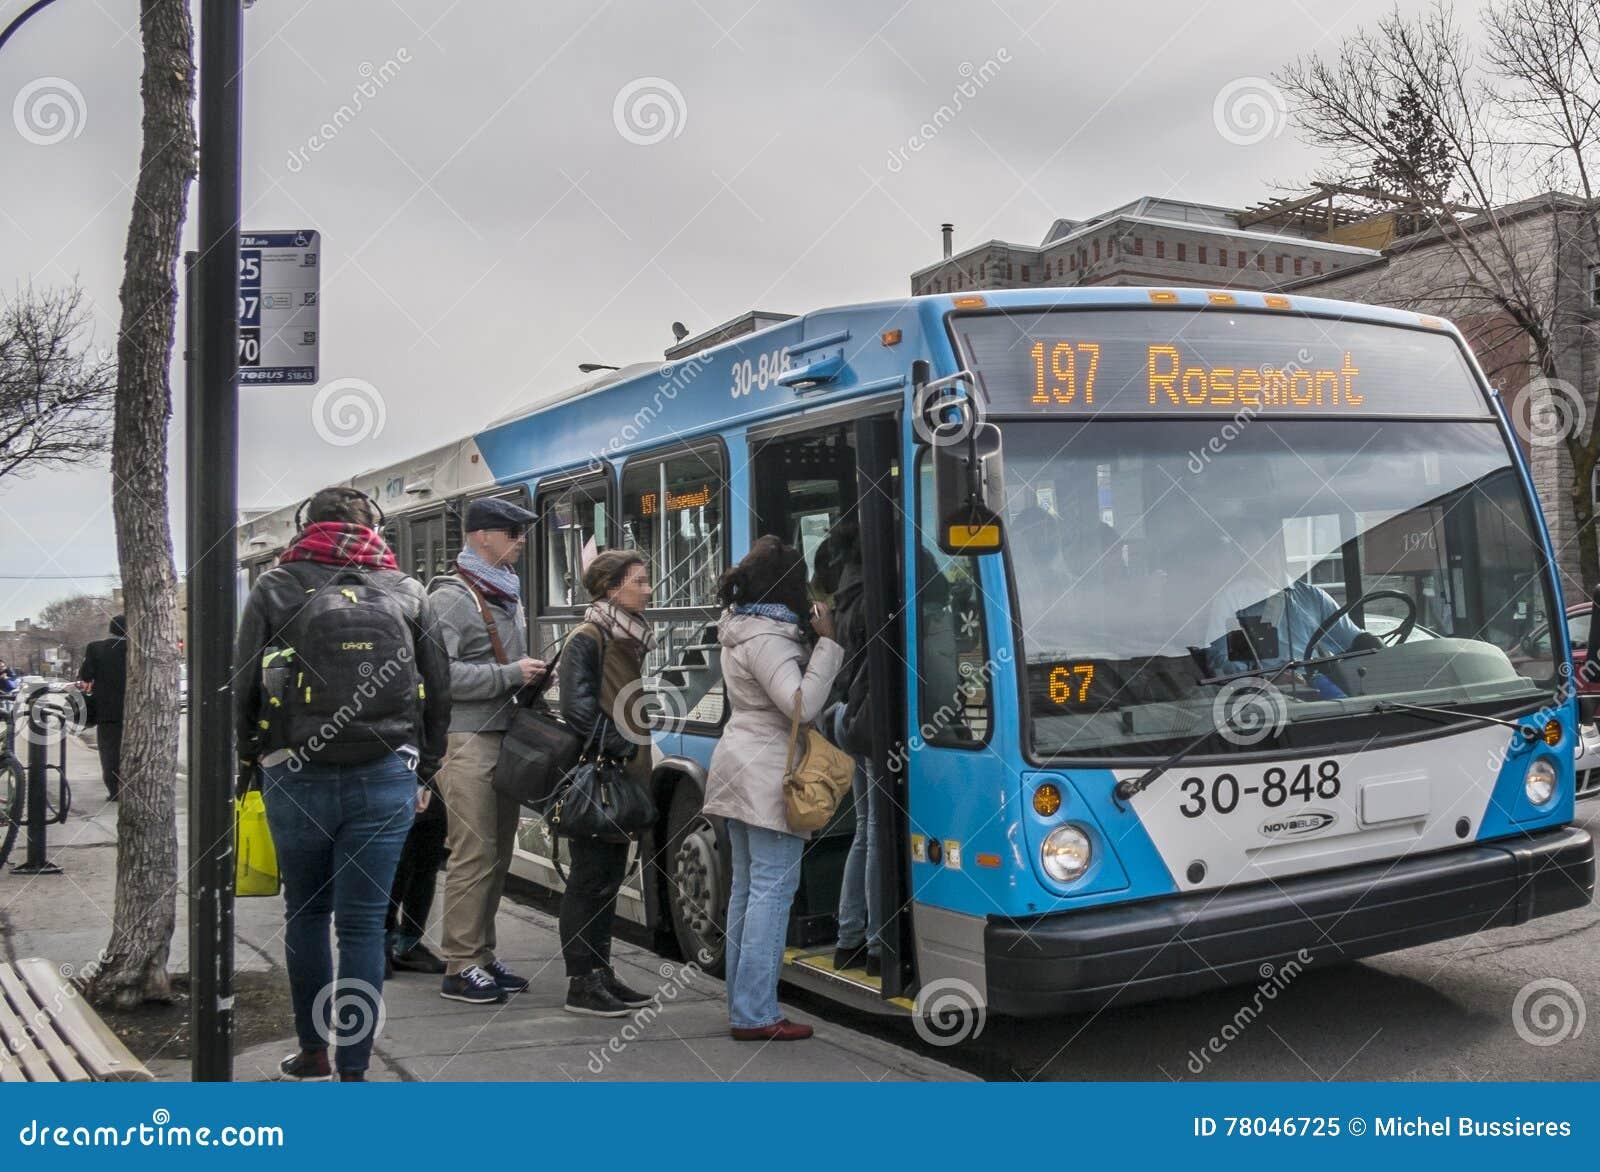 Wielkomiejska transport agencja